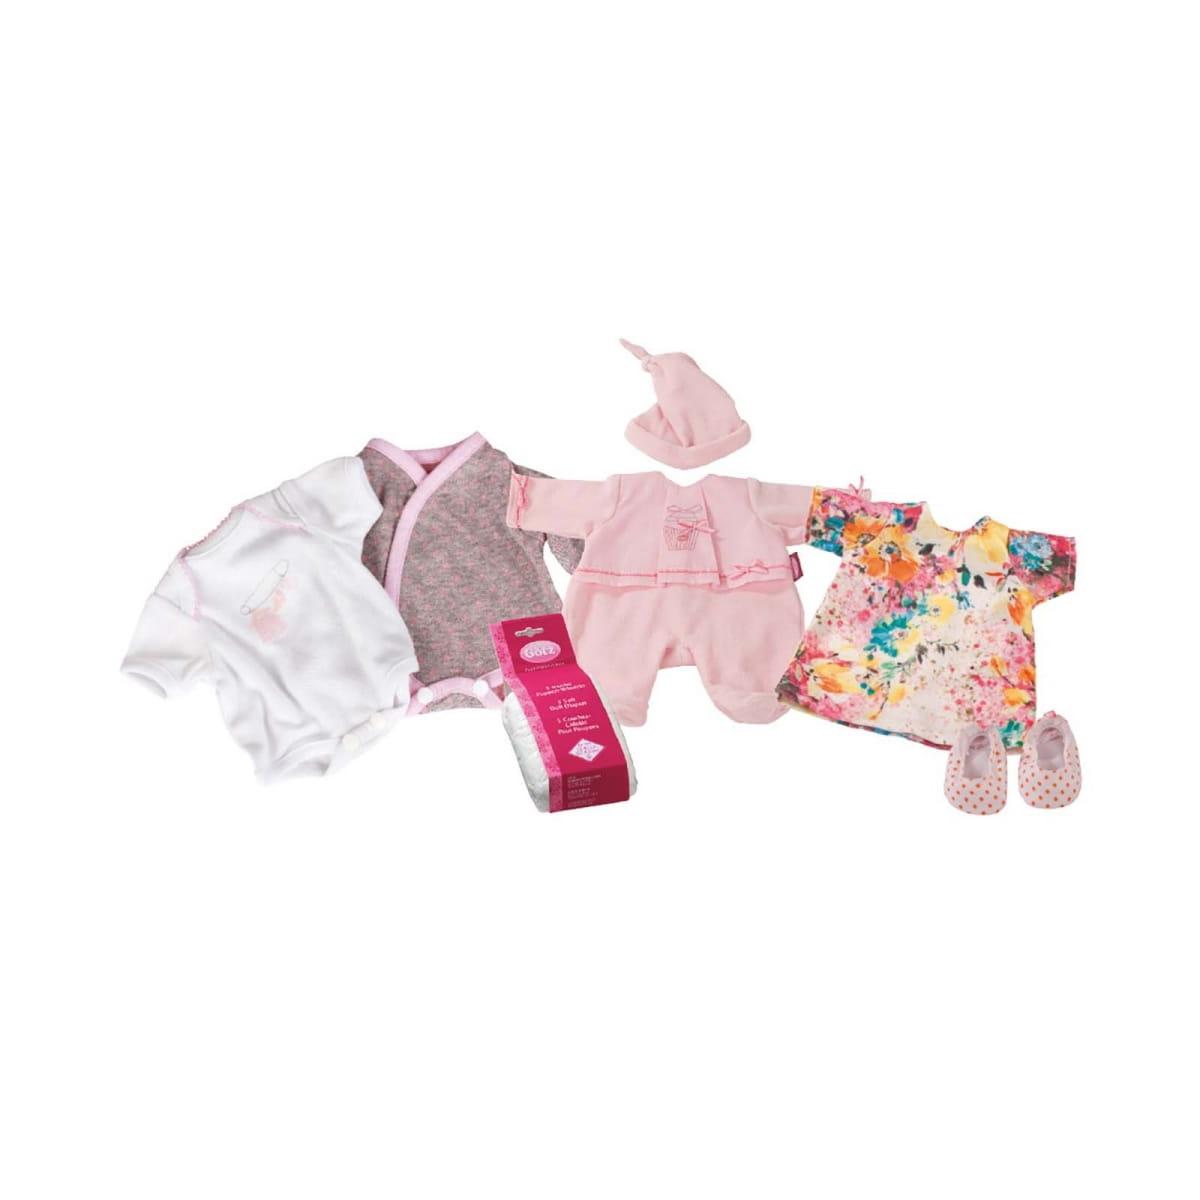 Набор повседневной одежды GOTZ - 12 предметов (42-46 см)